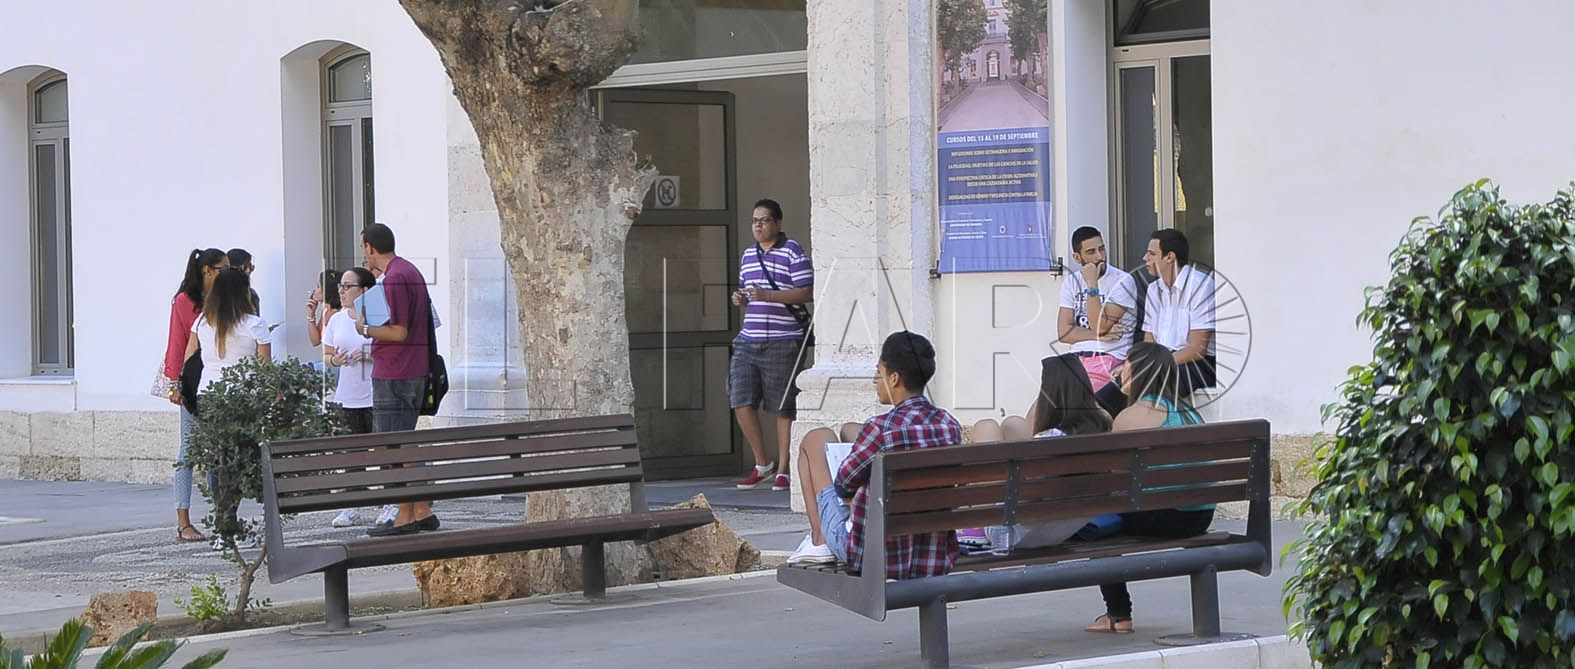 Los universitarios recibirán bonificaciones de hasta el 99% a partir de septiembre